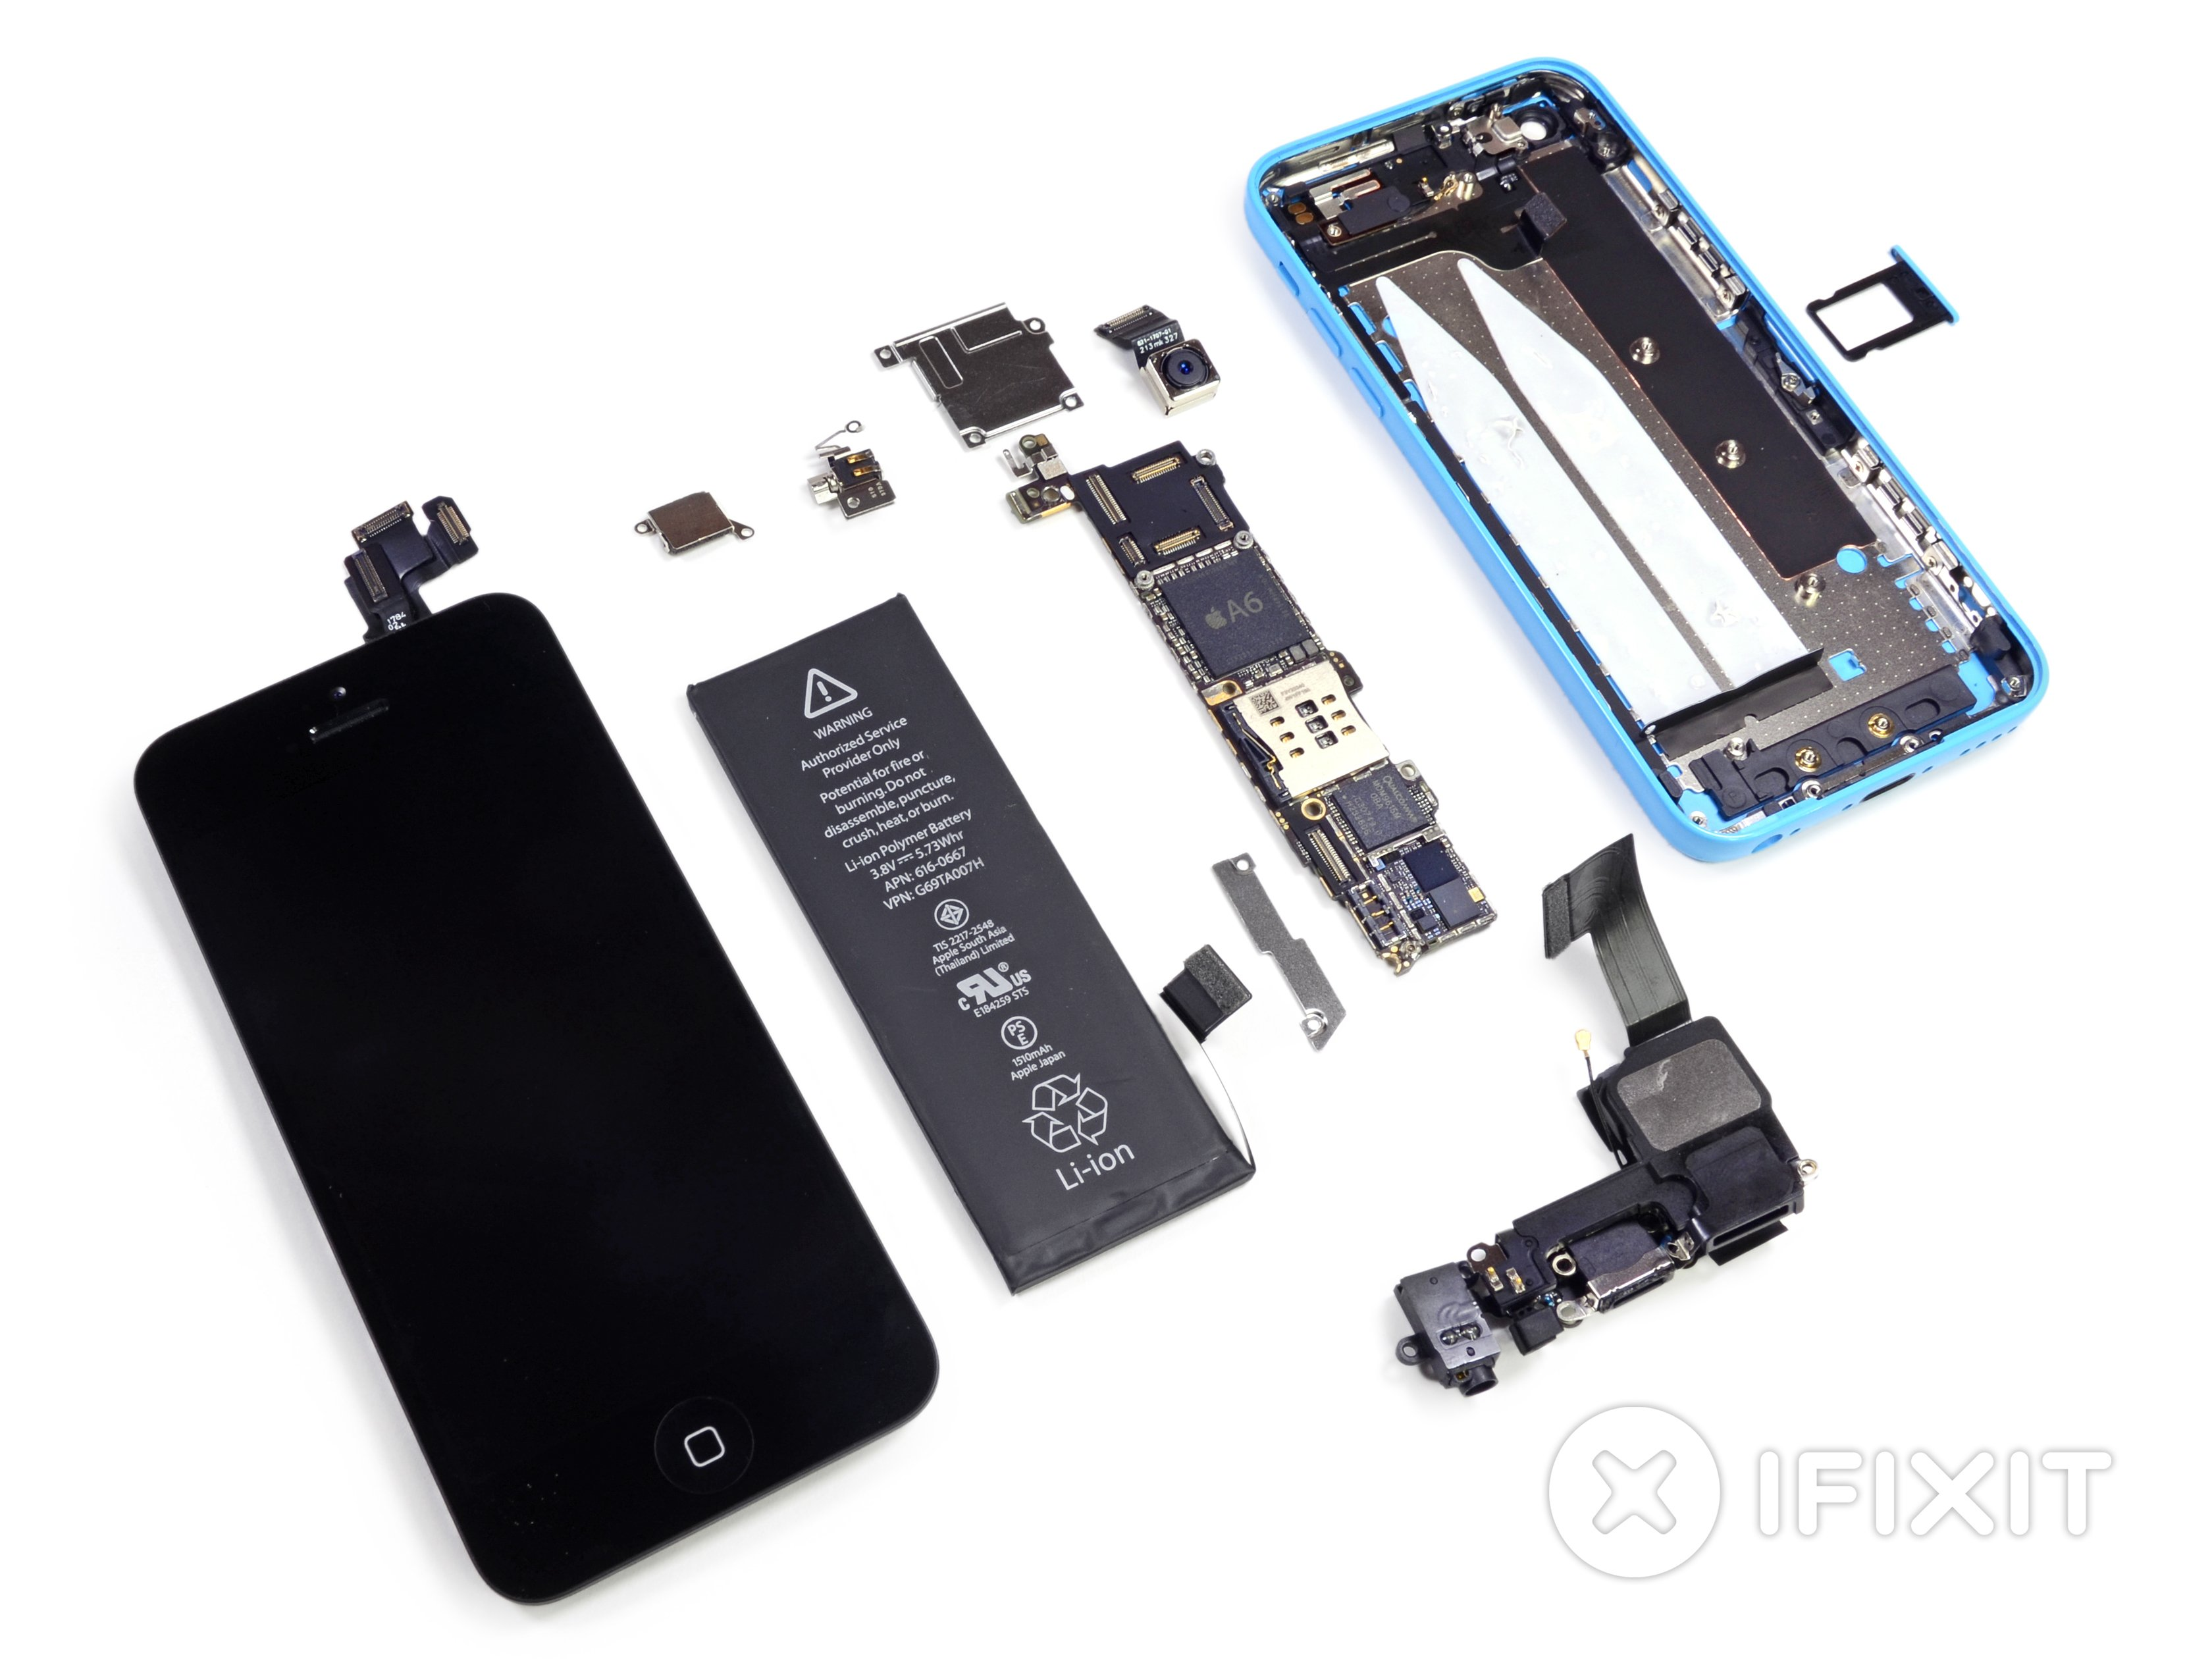 Vue éclatée de l'iPhone 5c